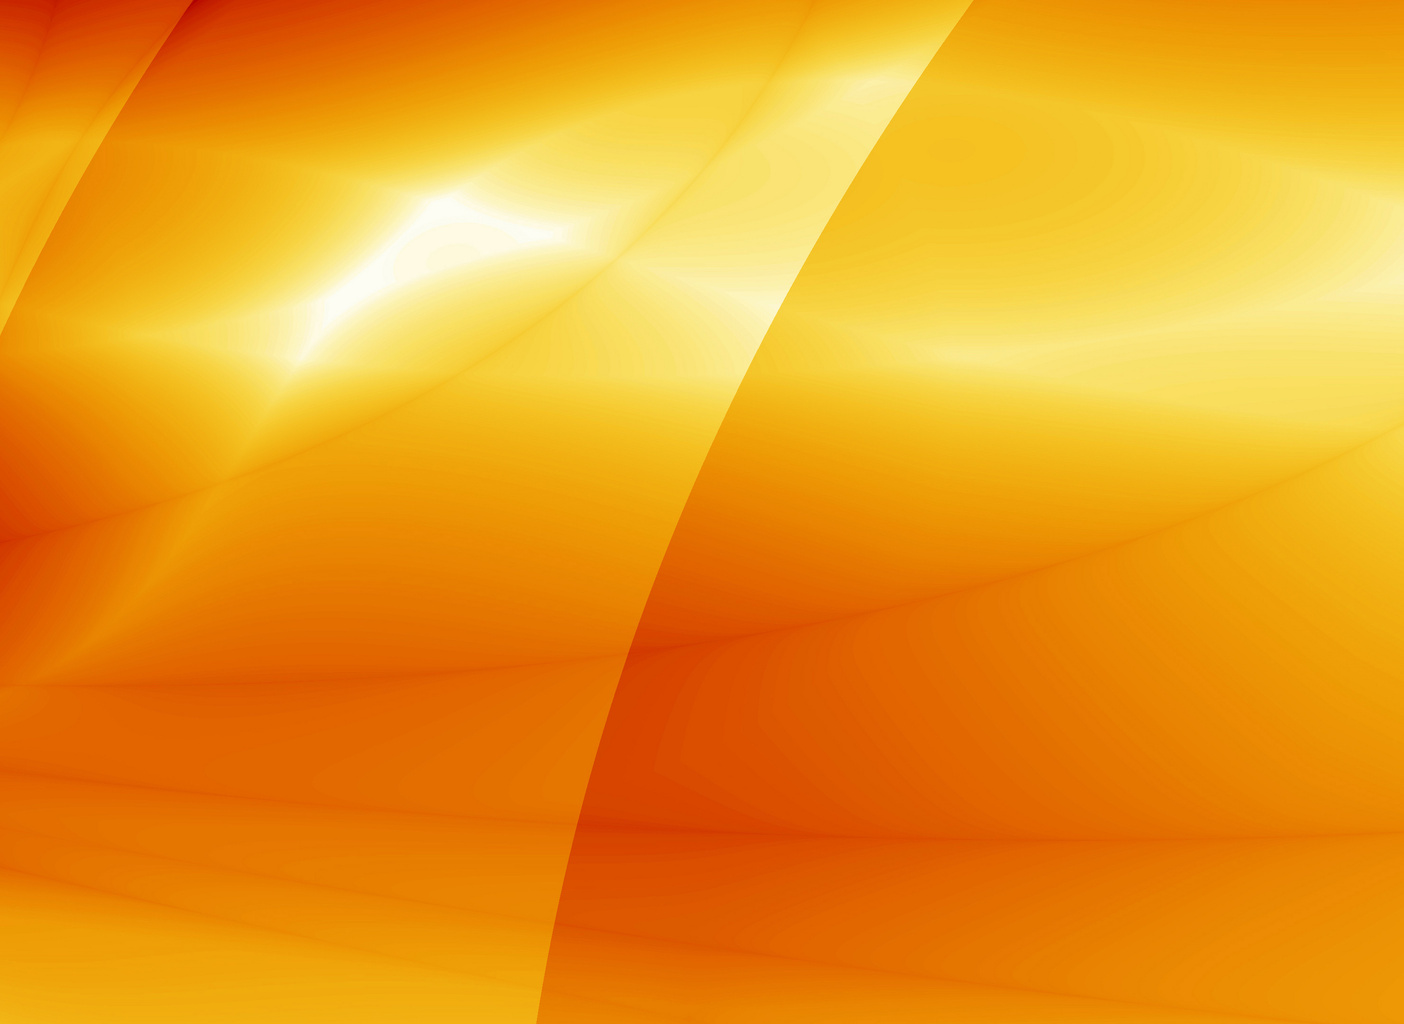 Hình ảnh slide vàng cam